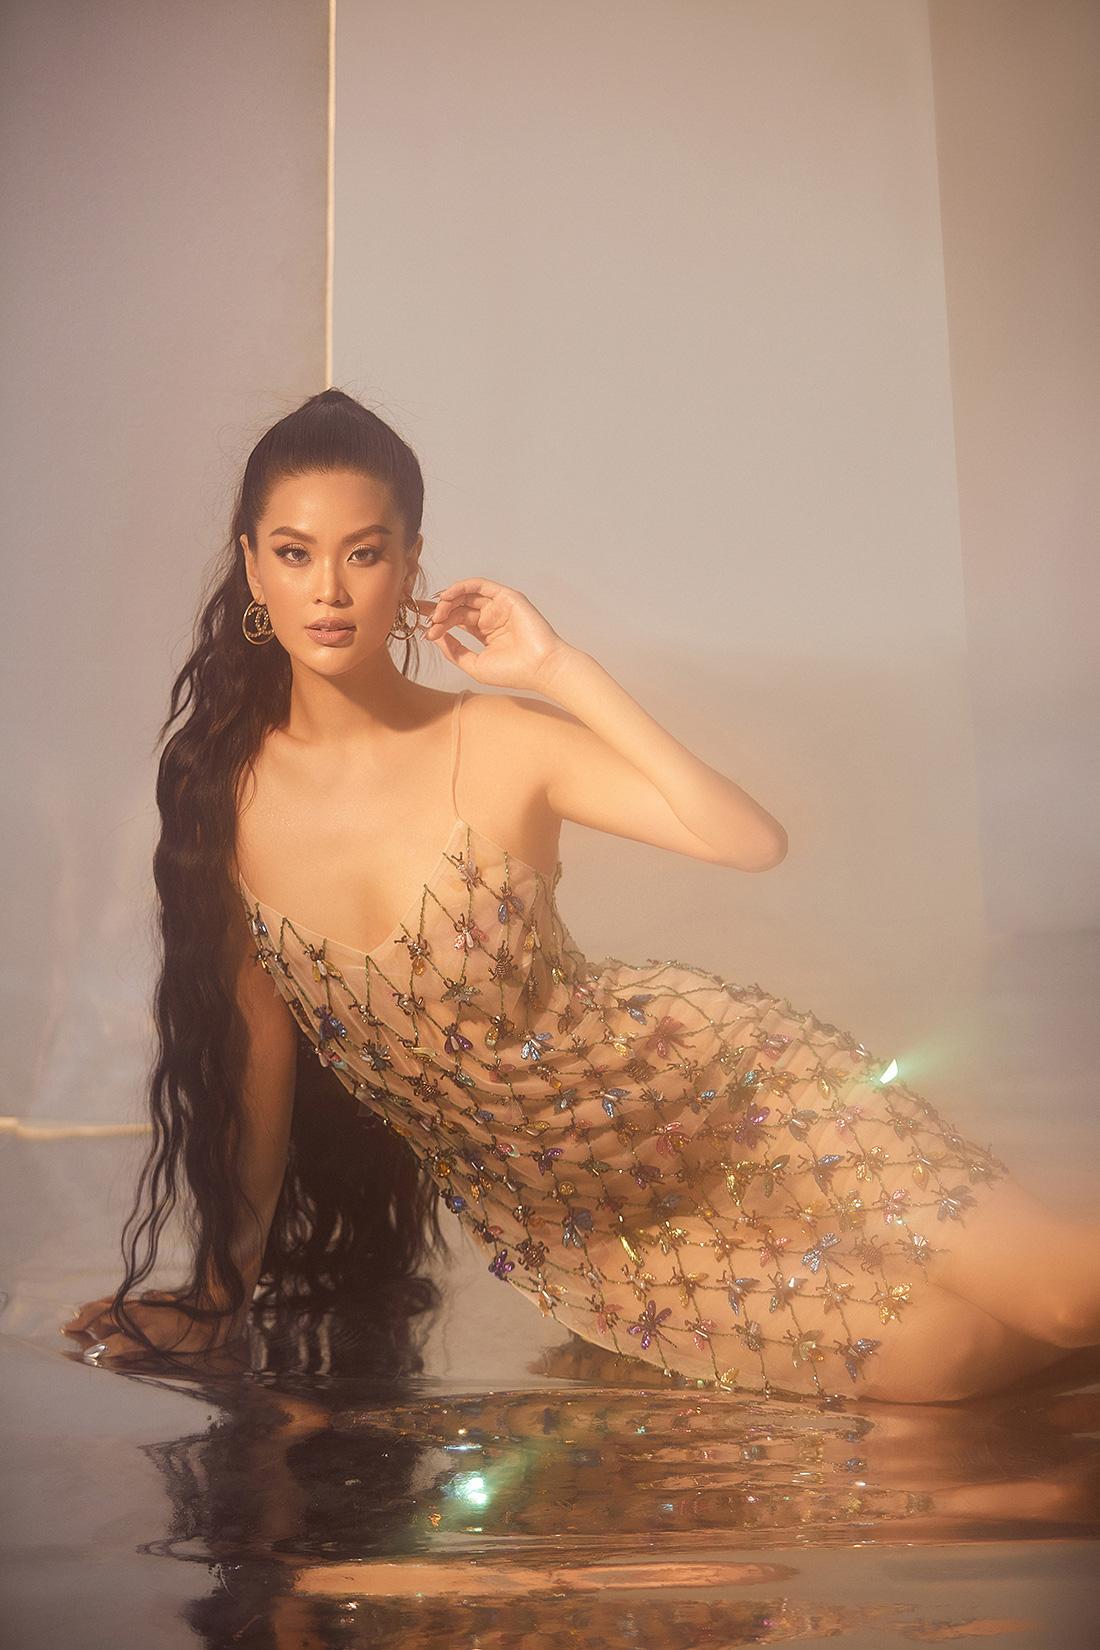 Hậu tránh dịch Covid-19 tại Ba Lan, Á hậu Diễm Trang comeback với bộ ảnh cực nóng bỏng - Ảnh 2.